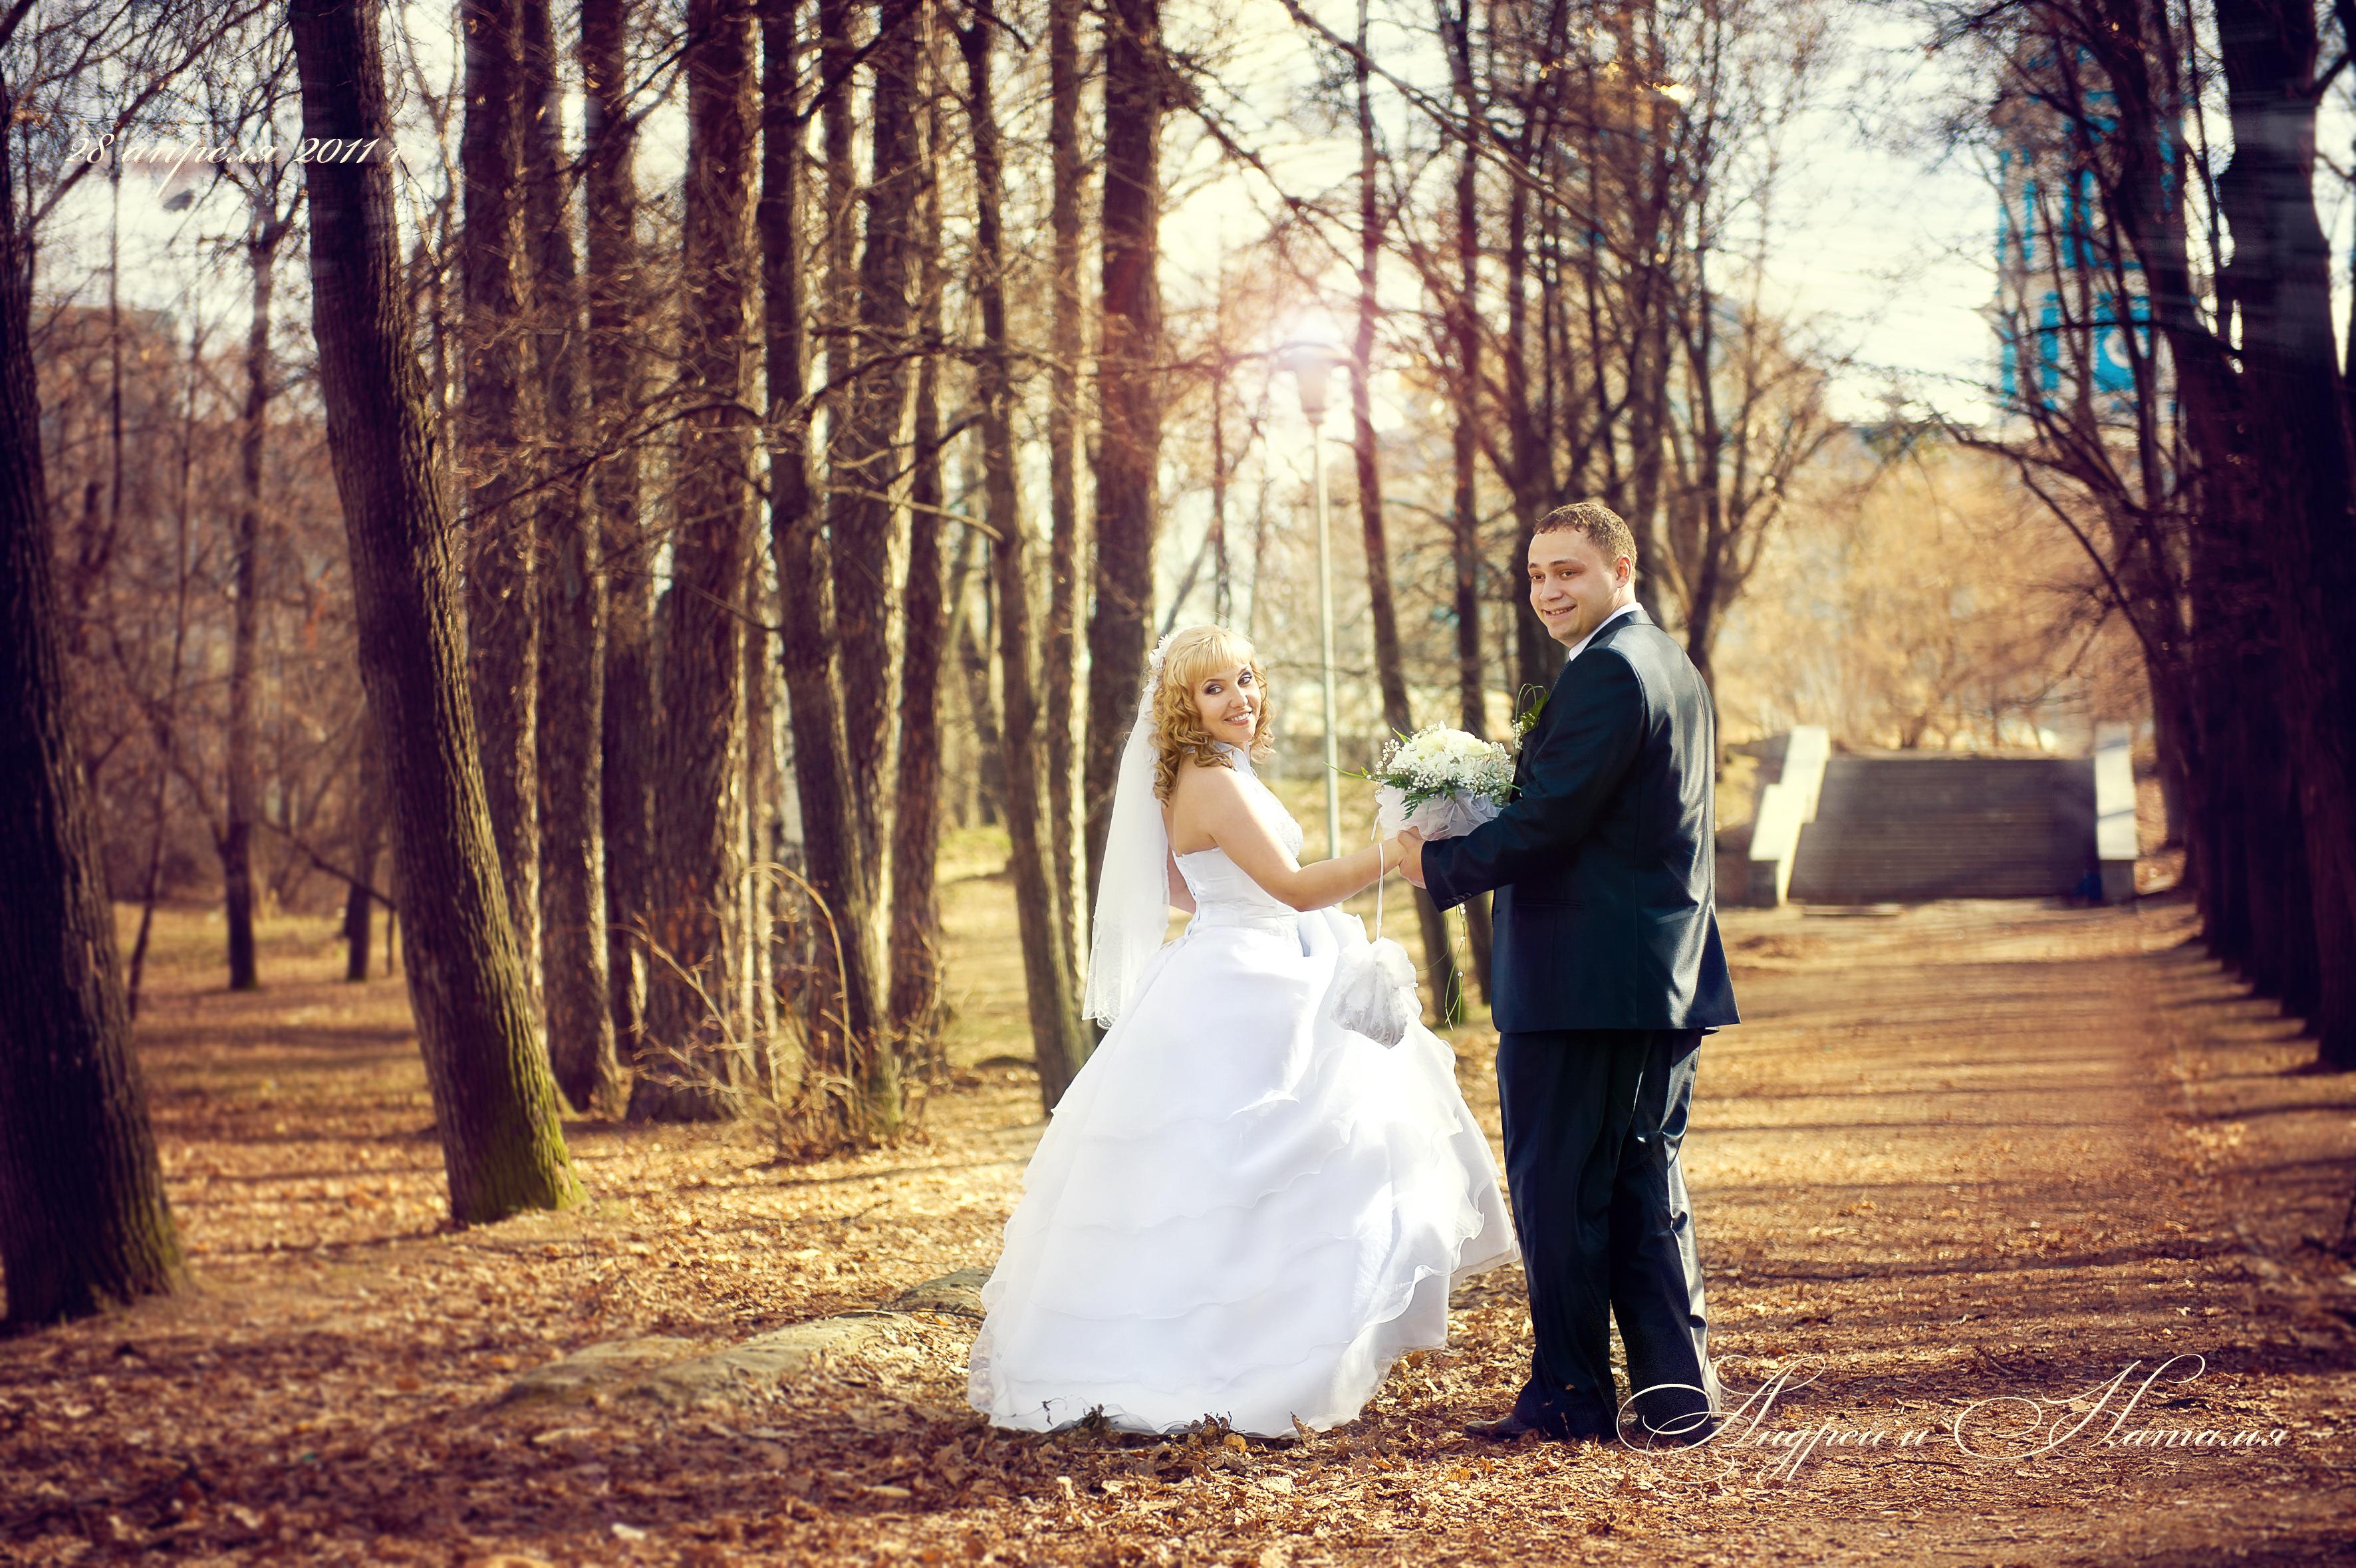 2011.04.28 - Андрей и Наталья